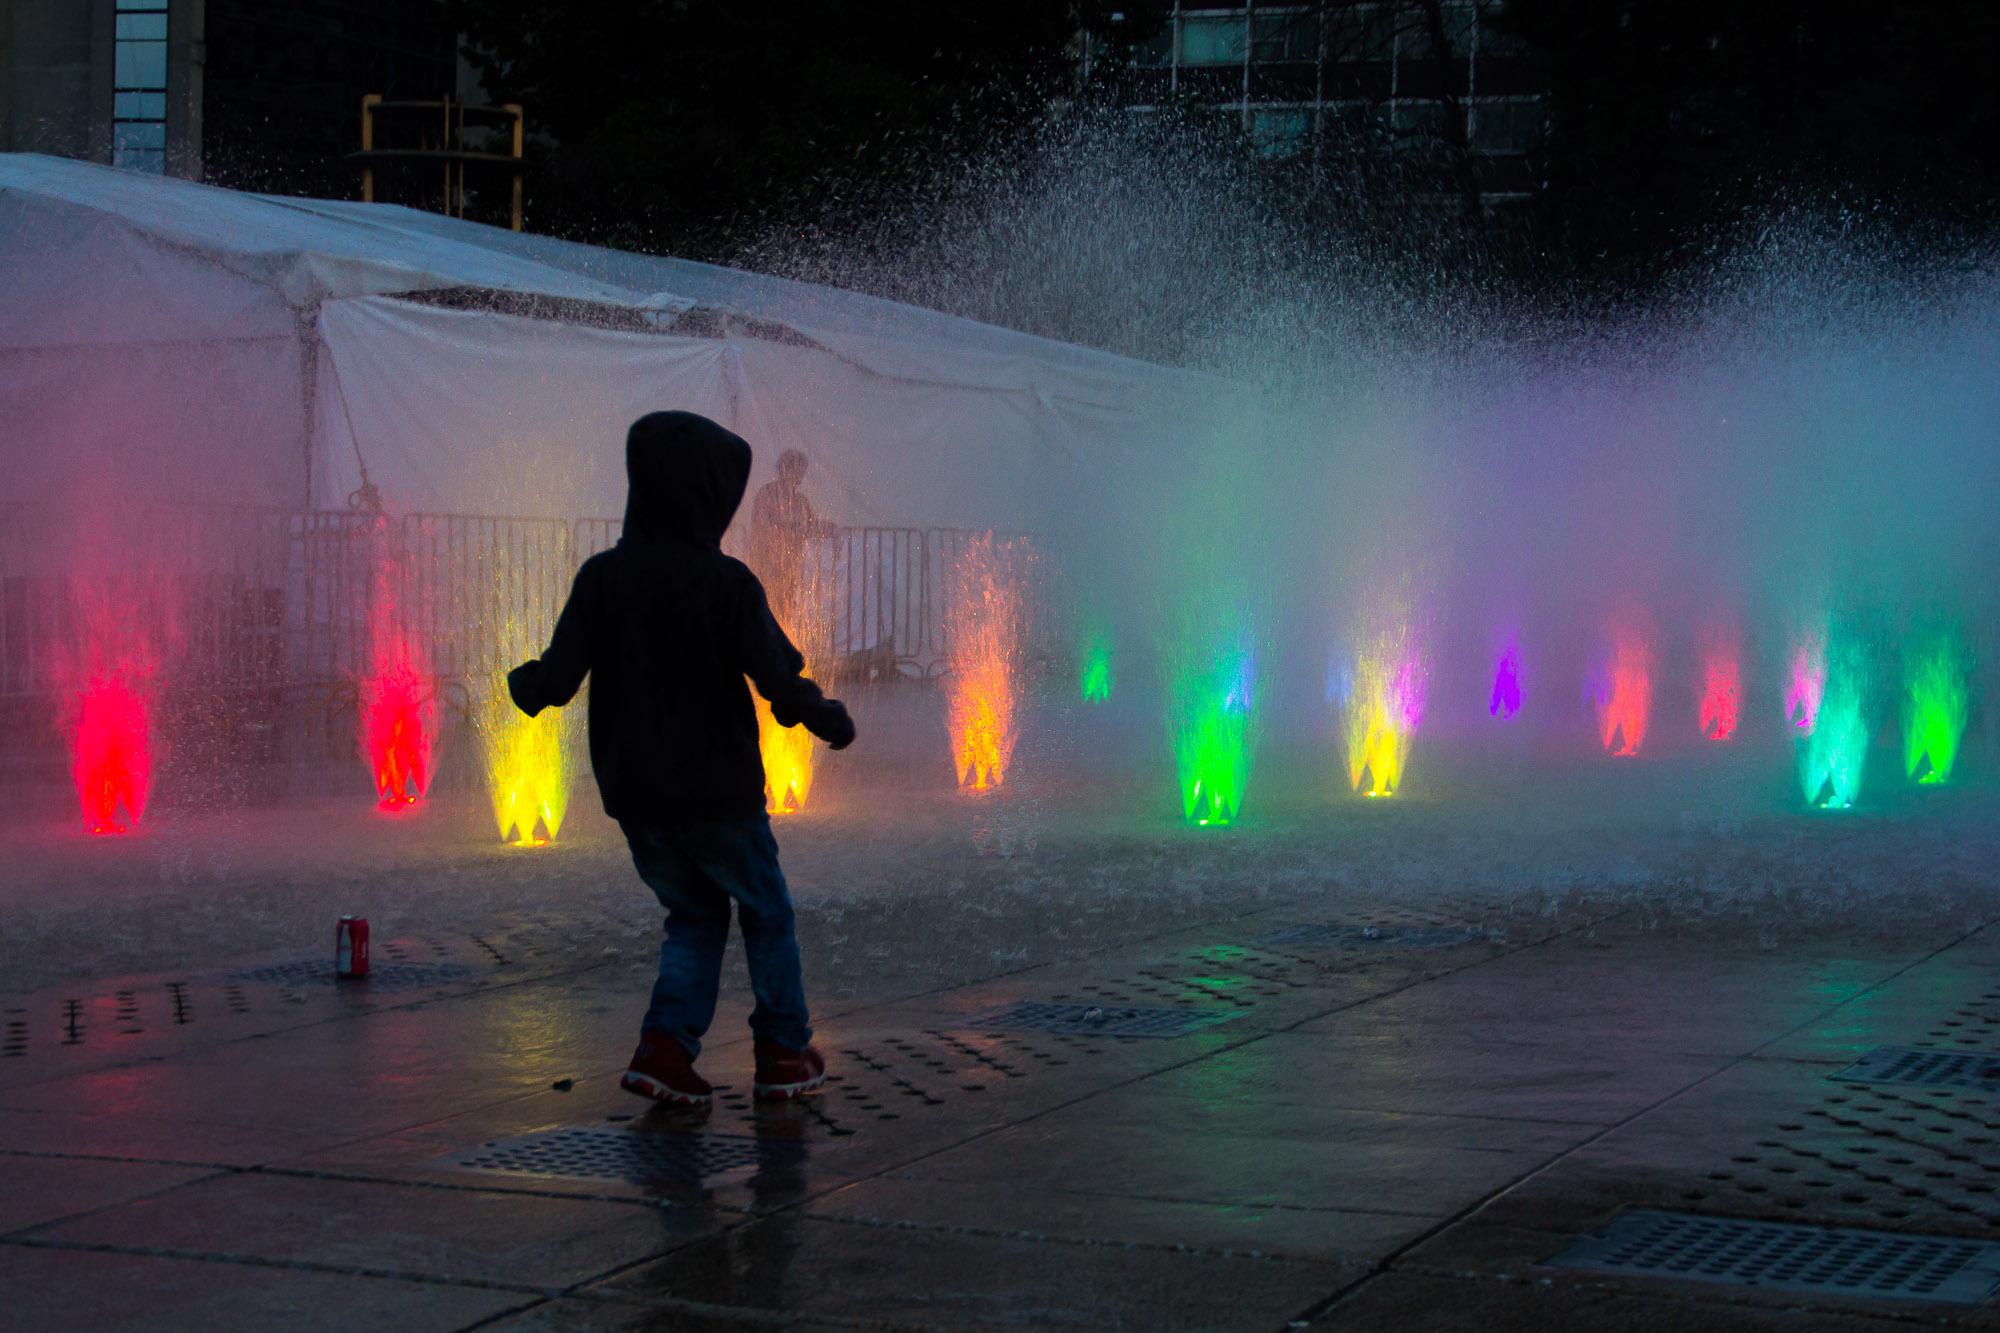 Fonte iluminada no Monumento à Revolução, espetáculo de luz e movimento